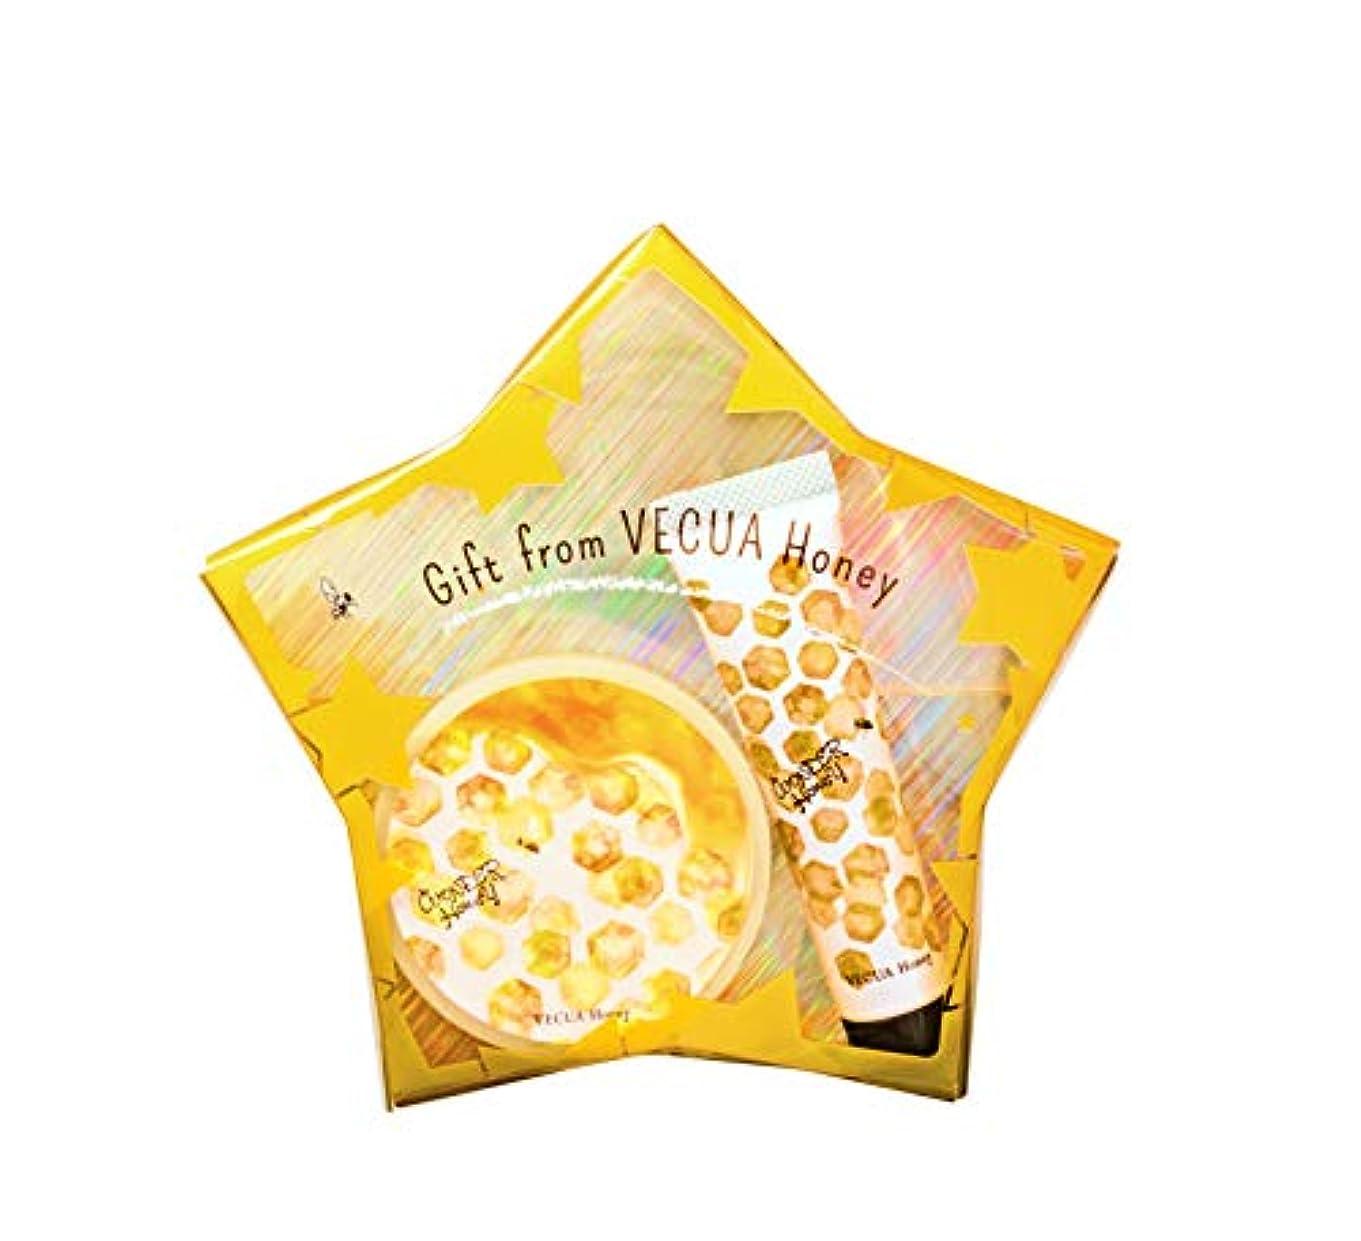 雲喉が渇いた東ティモールベキュア ハニー(VECUA Honey) ワンダーハニー ギフトセット ハニーポット ボディクリーム 15g+47g